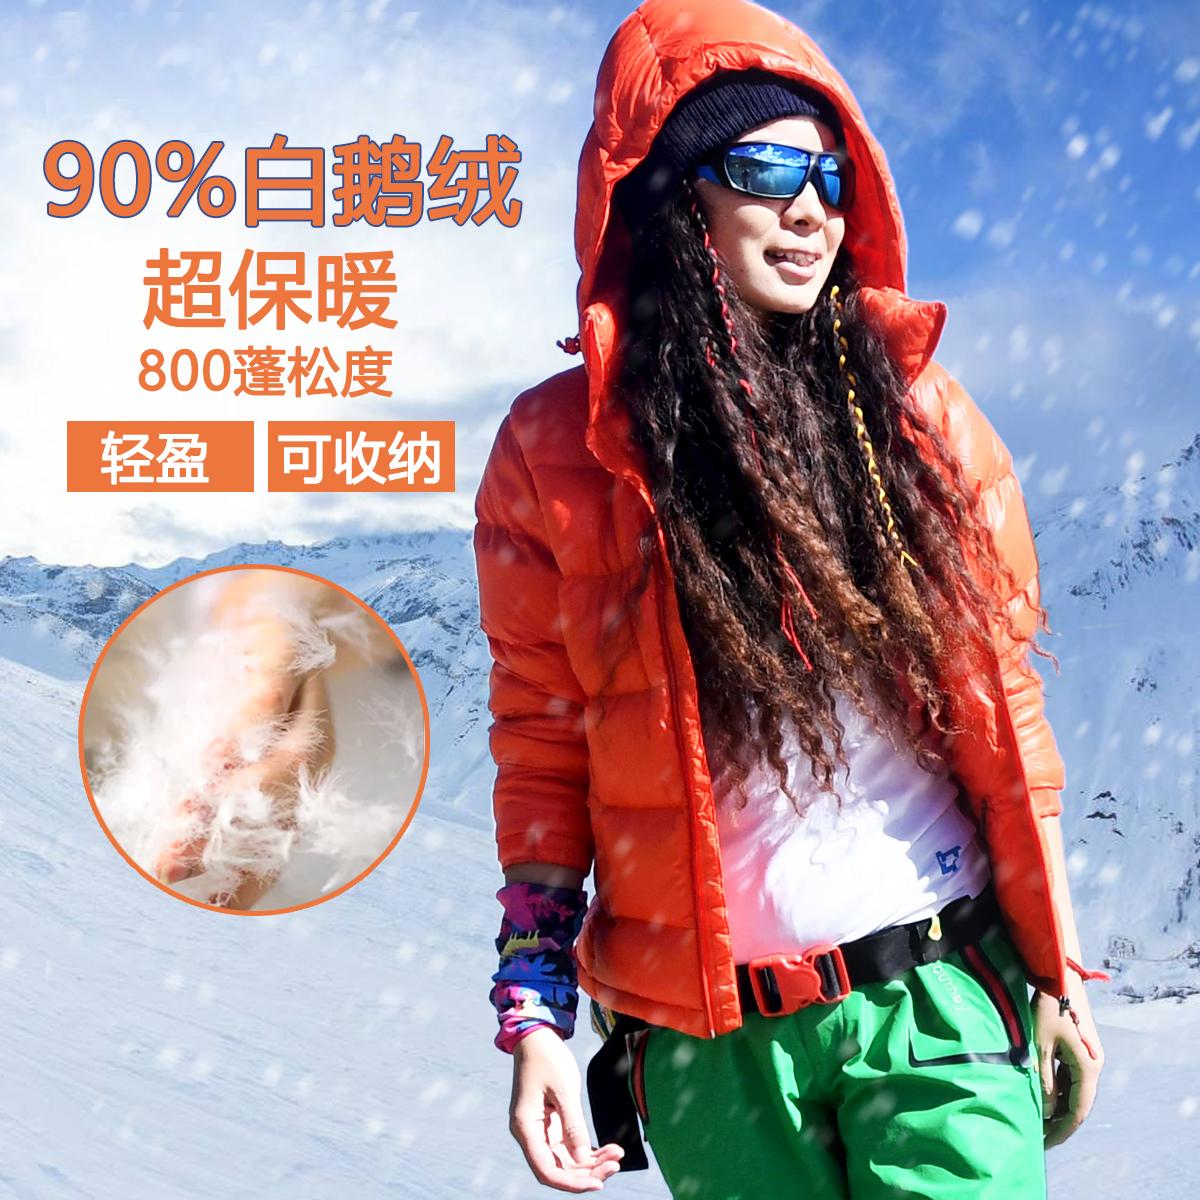 Пекинский лес зимний удерживающий тепло белый Одежда с гусиной одеждой может храниться на свету пуховик Водоотталкивающая воздухопроницаемый капюшон мужские и женские